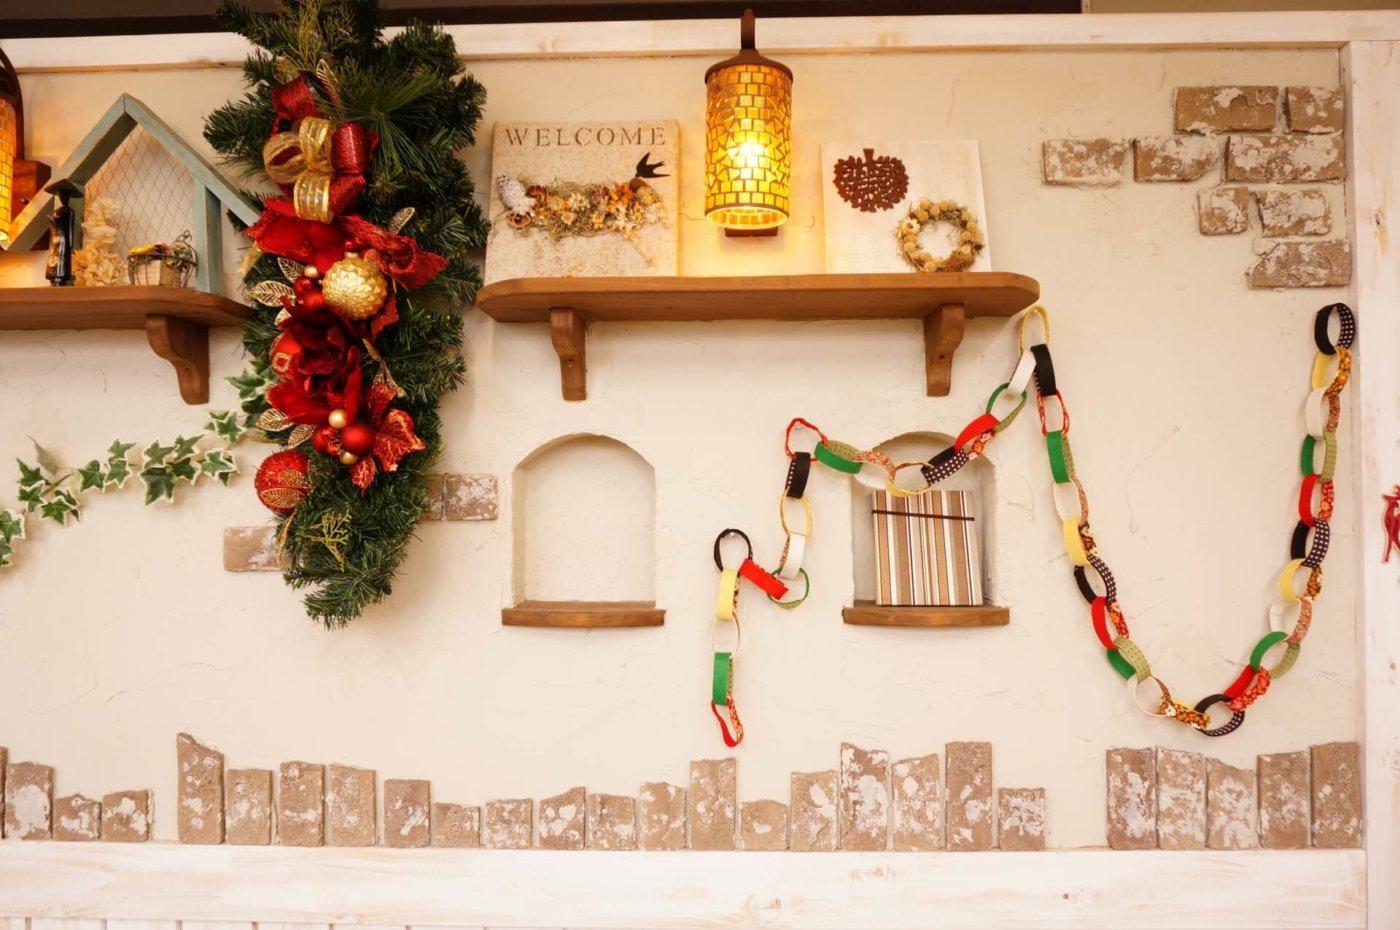 クリスマスに自宅の壁紙を簡単に飾りつけする方法 調整さん